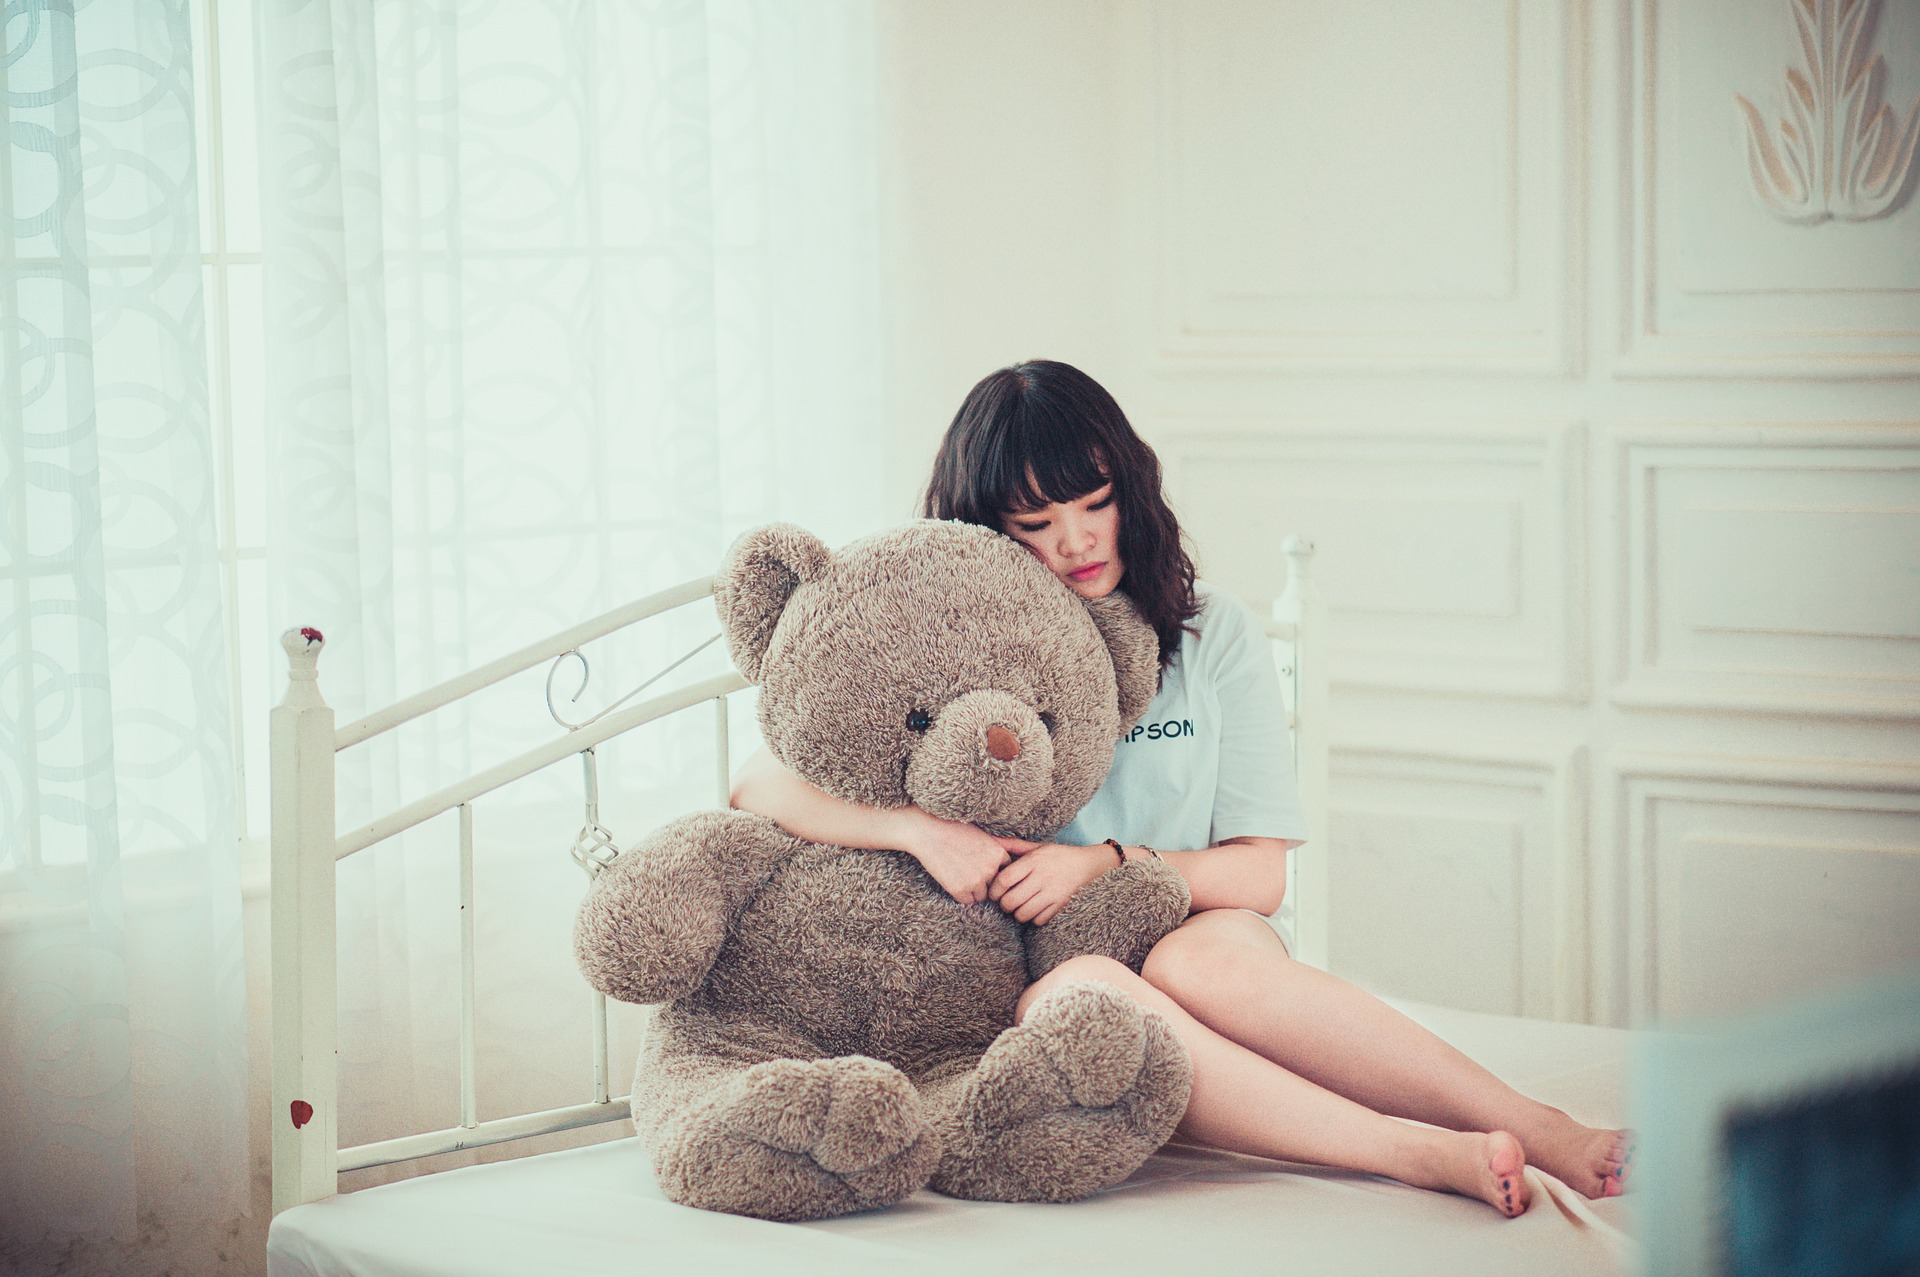 girl-1733341_1920